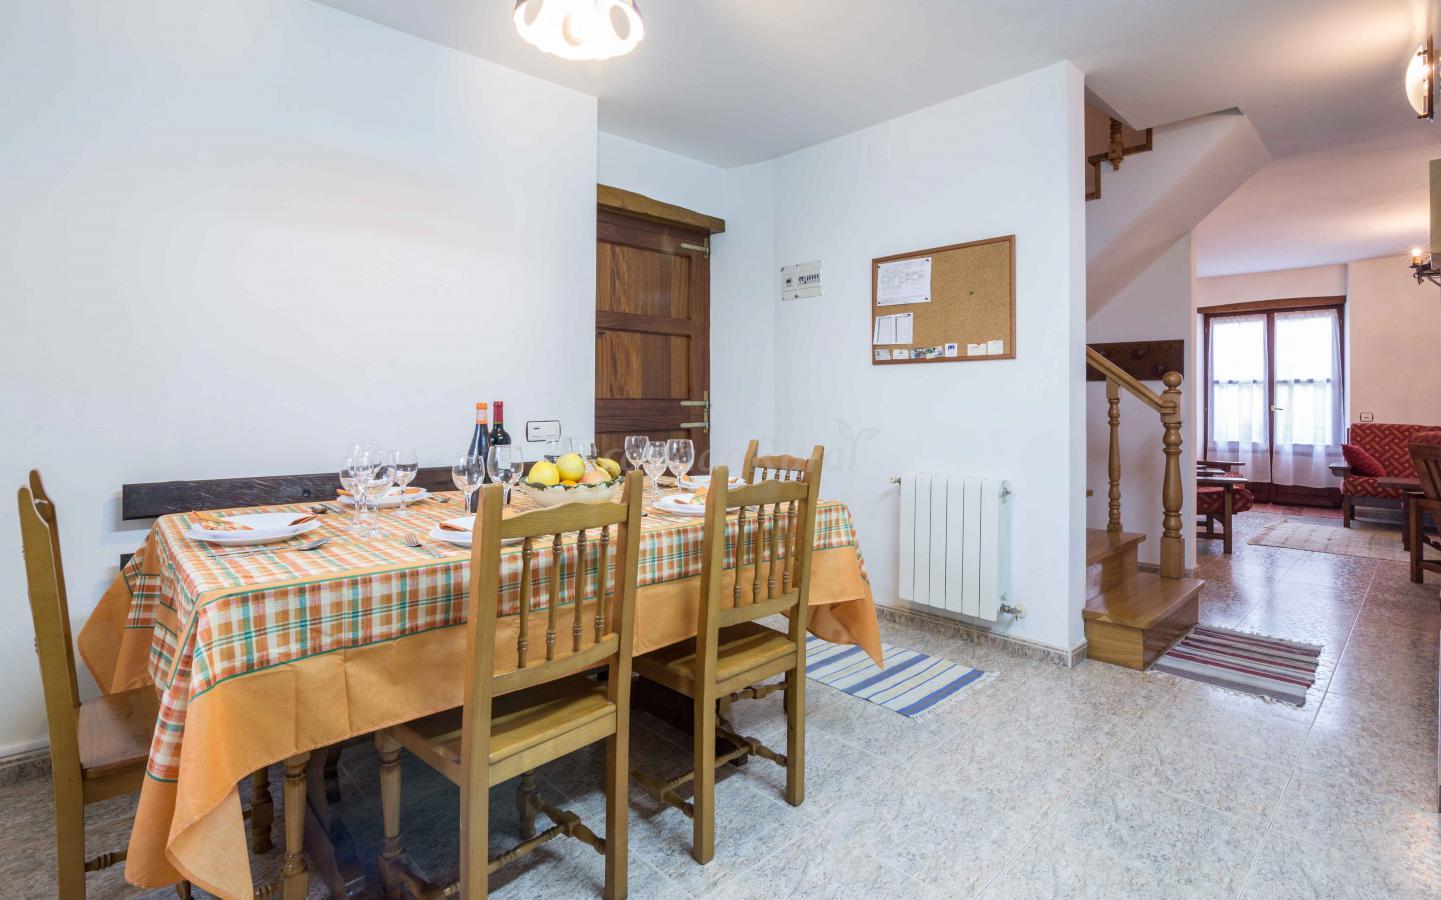 Fotos de apartamentos rurales casa cruceiro casa rural en castropol asturias - Apartamentos baratos asturias ...